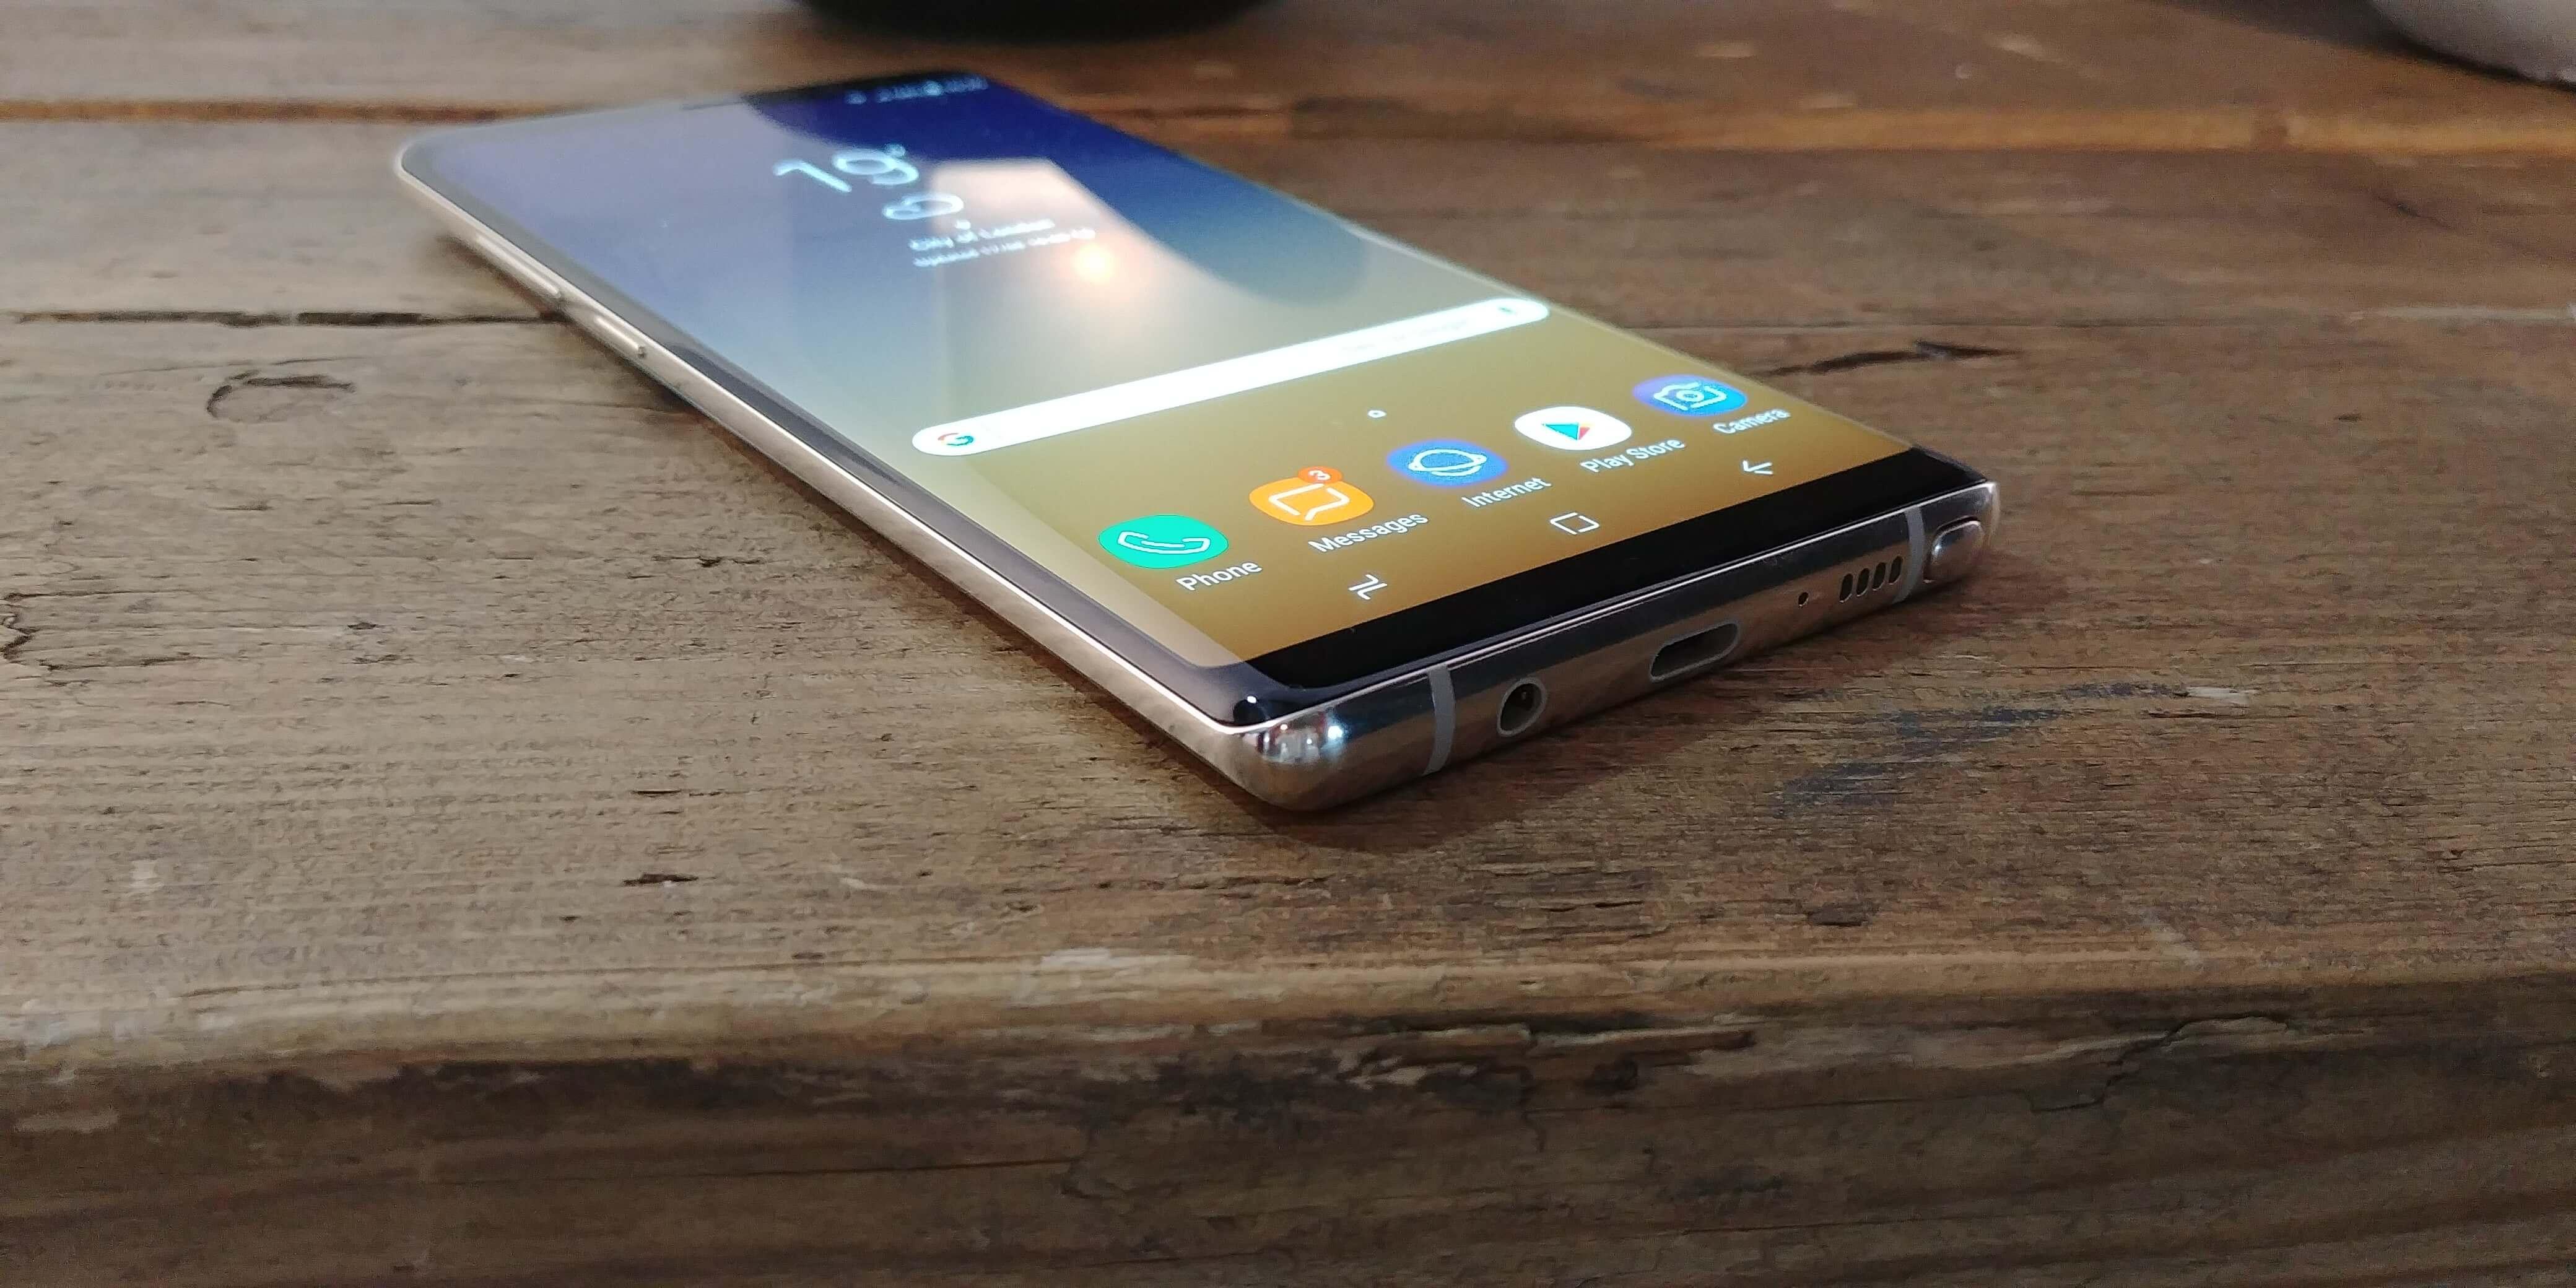 Diseño del Samsung Galaxy Note 8